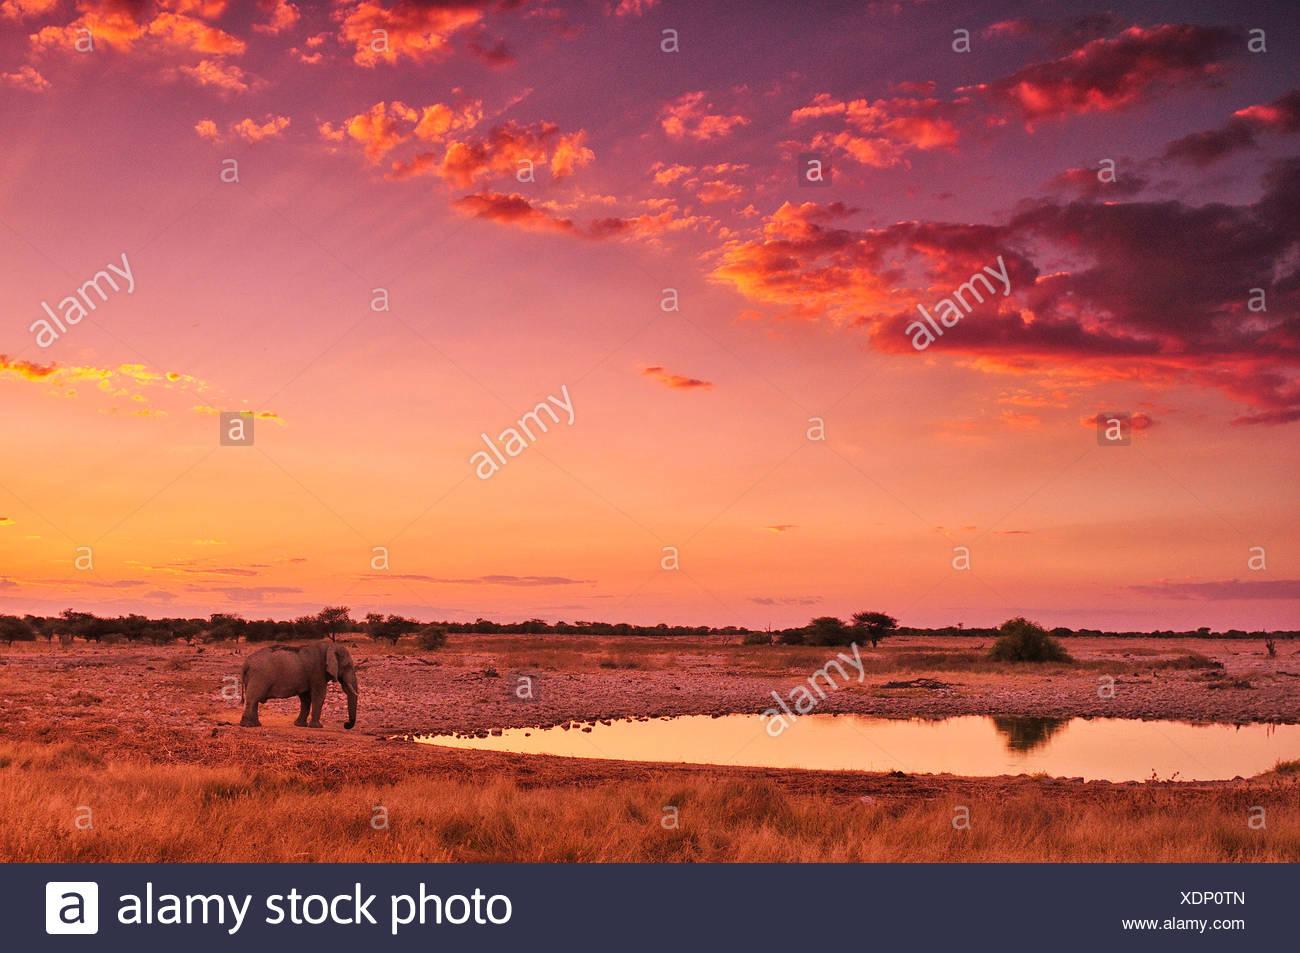 L'Afrique, la Namibie, Etosha, Parc National, coucher du soleil, l'éléphant, animal, eau, safari, les animaux, la faune, rouge, Loxodonta africain, un Photo Stock